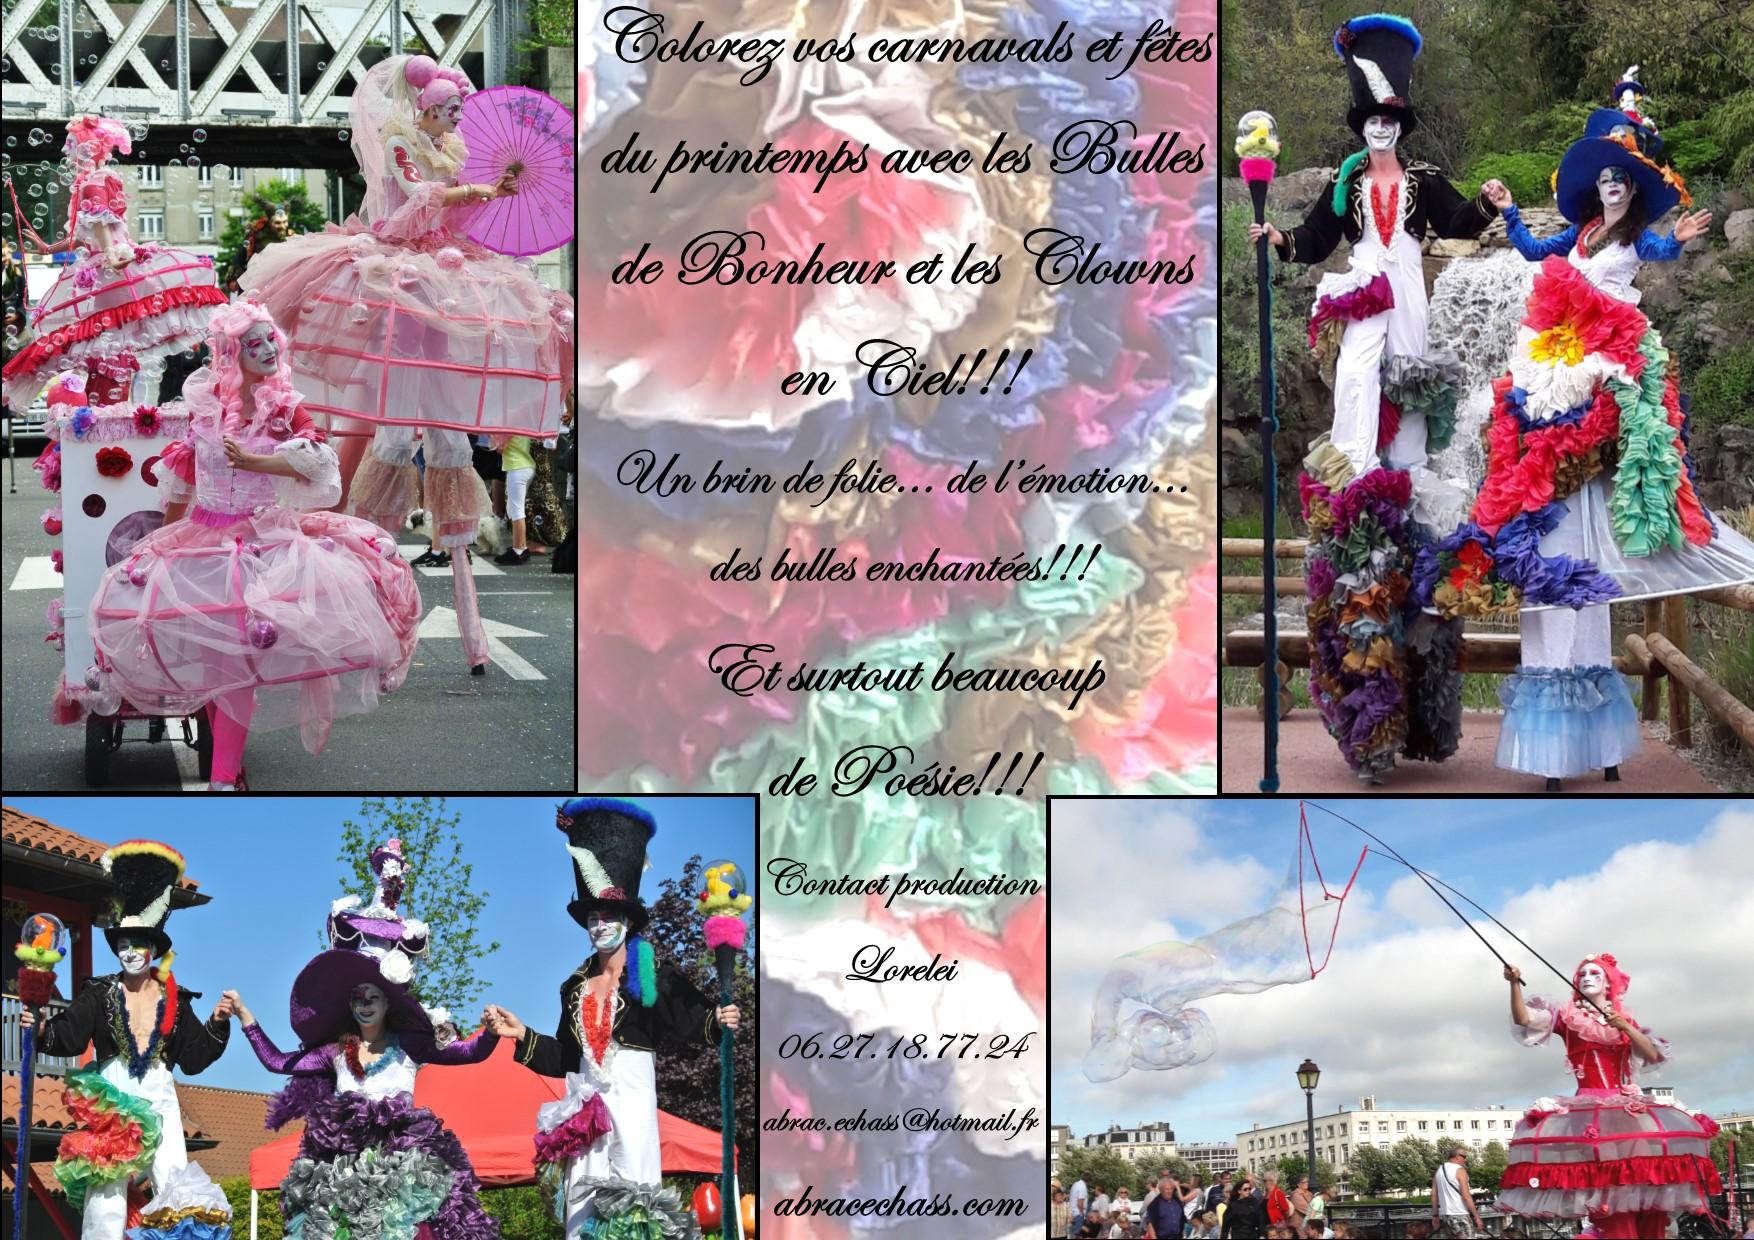 Carnavals et fêtes du printemps